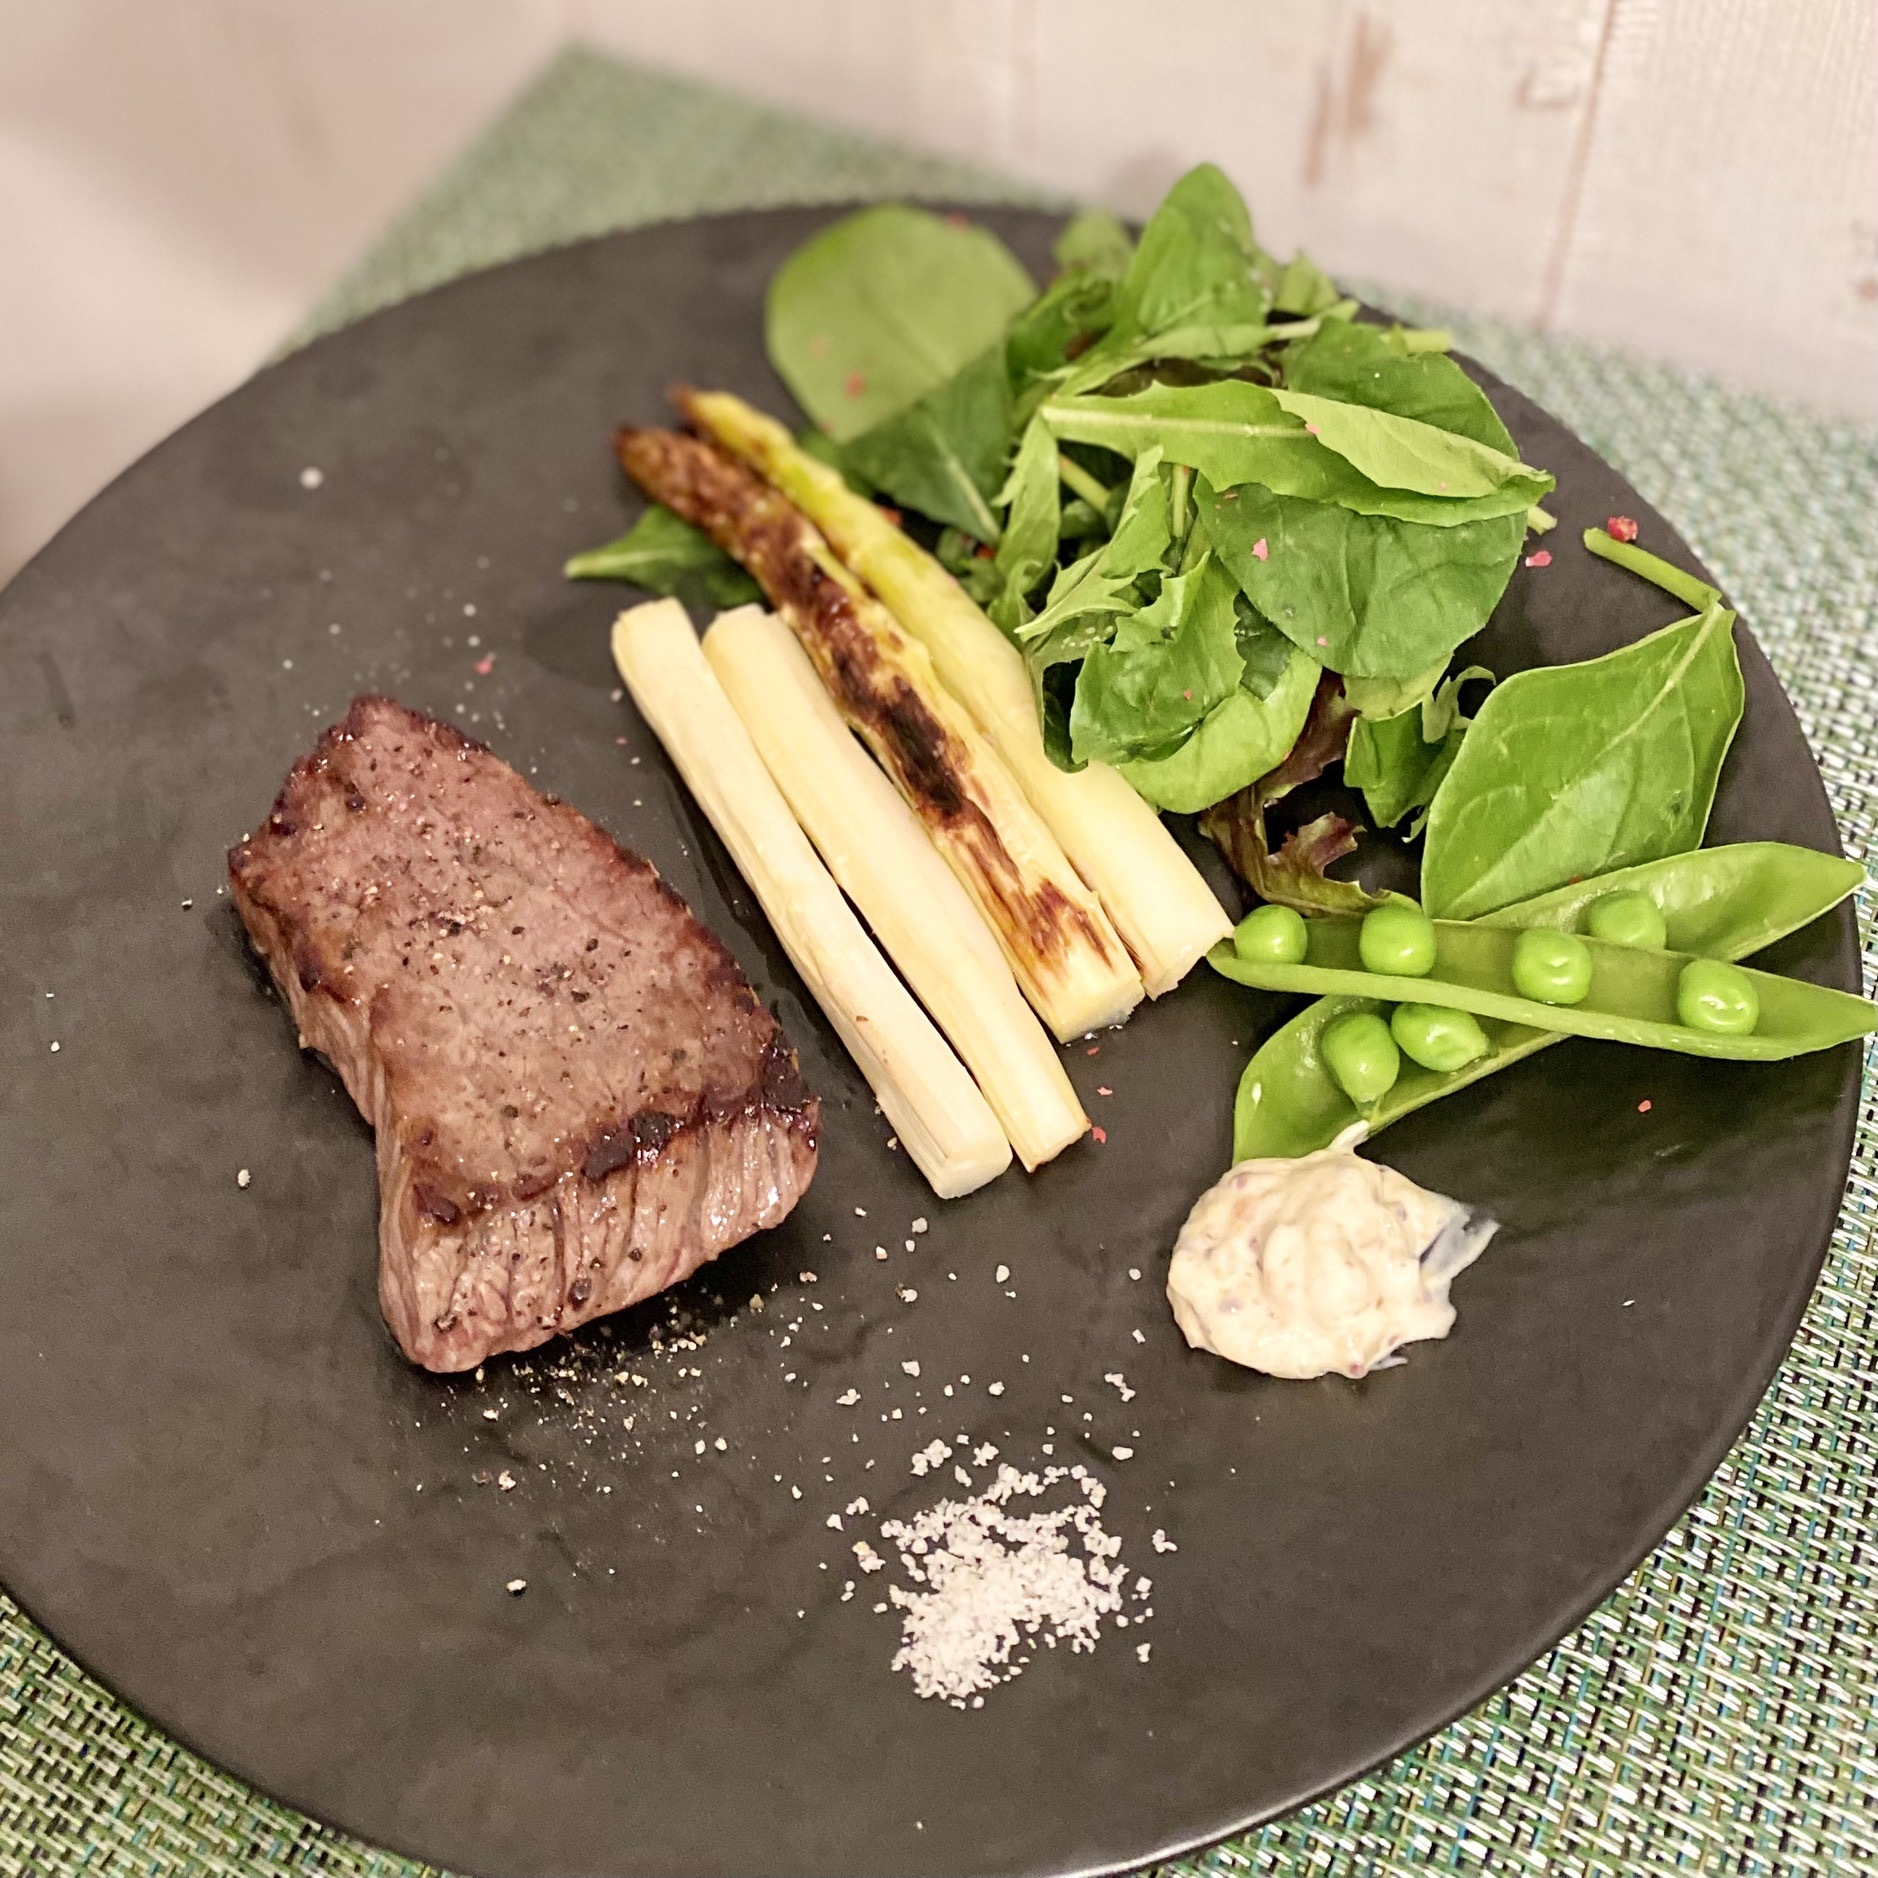 メインの牛ステーキ ホワイトアスパラのグリルを添えて